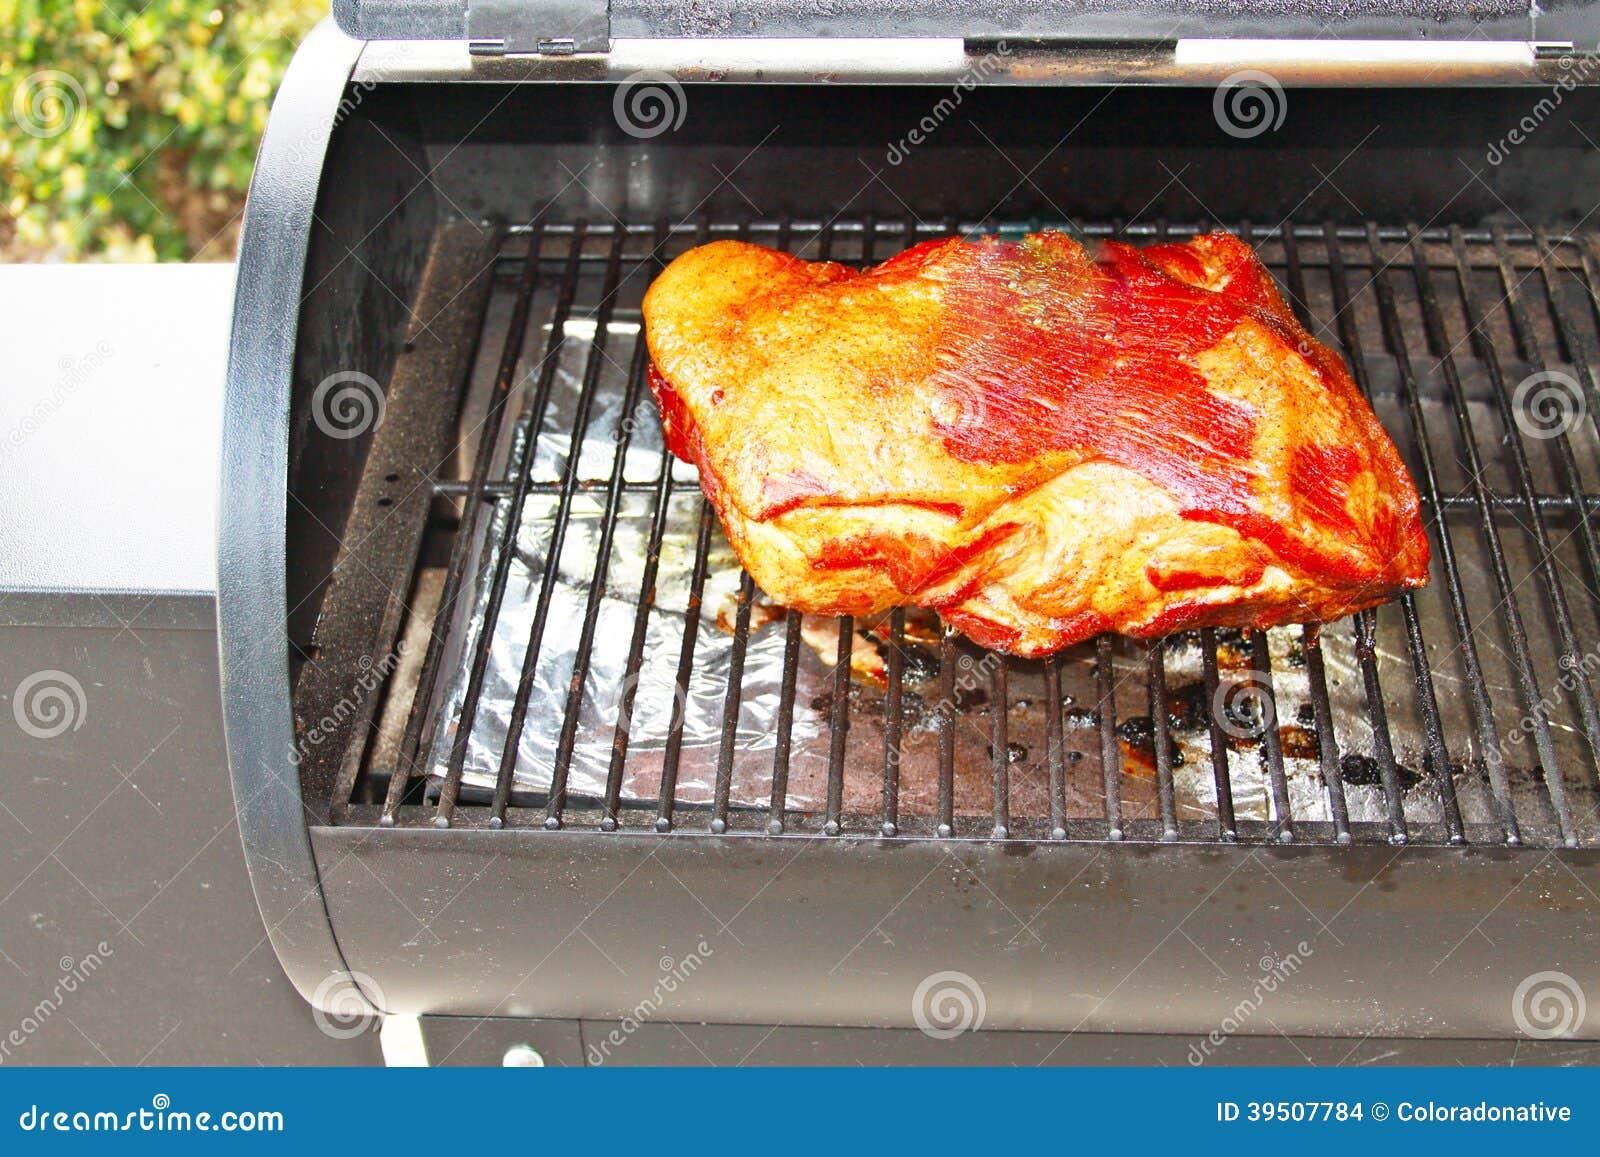 Pork Shoulder on Barbeque